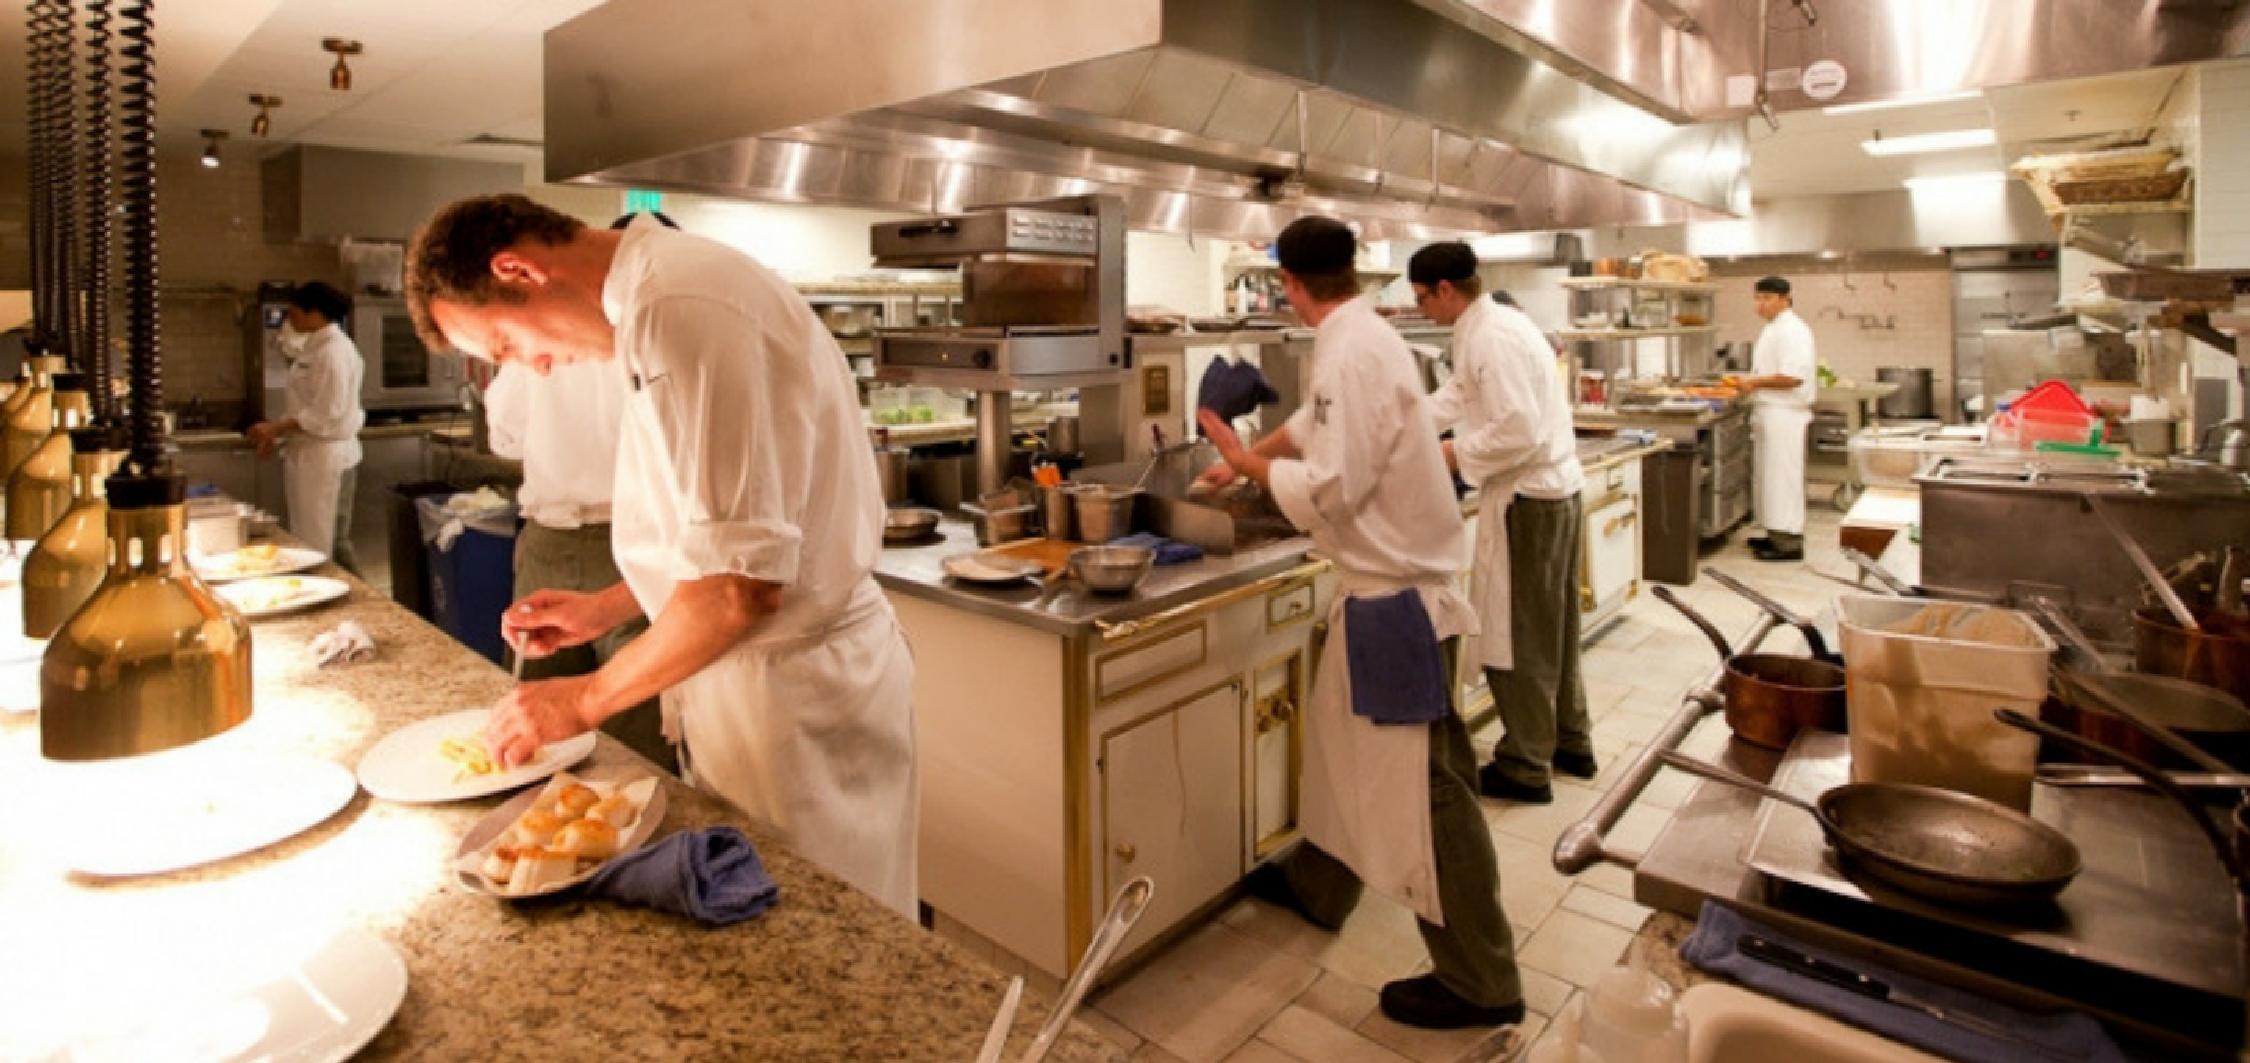 Consejos tiles para tener xito en la cocina profesional for Evolucion de la cocina molecular